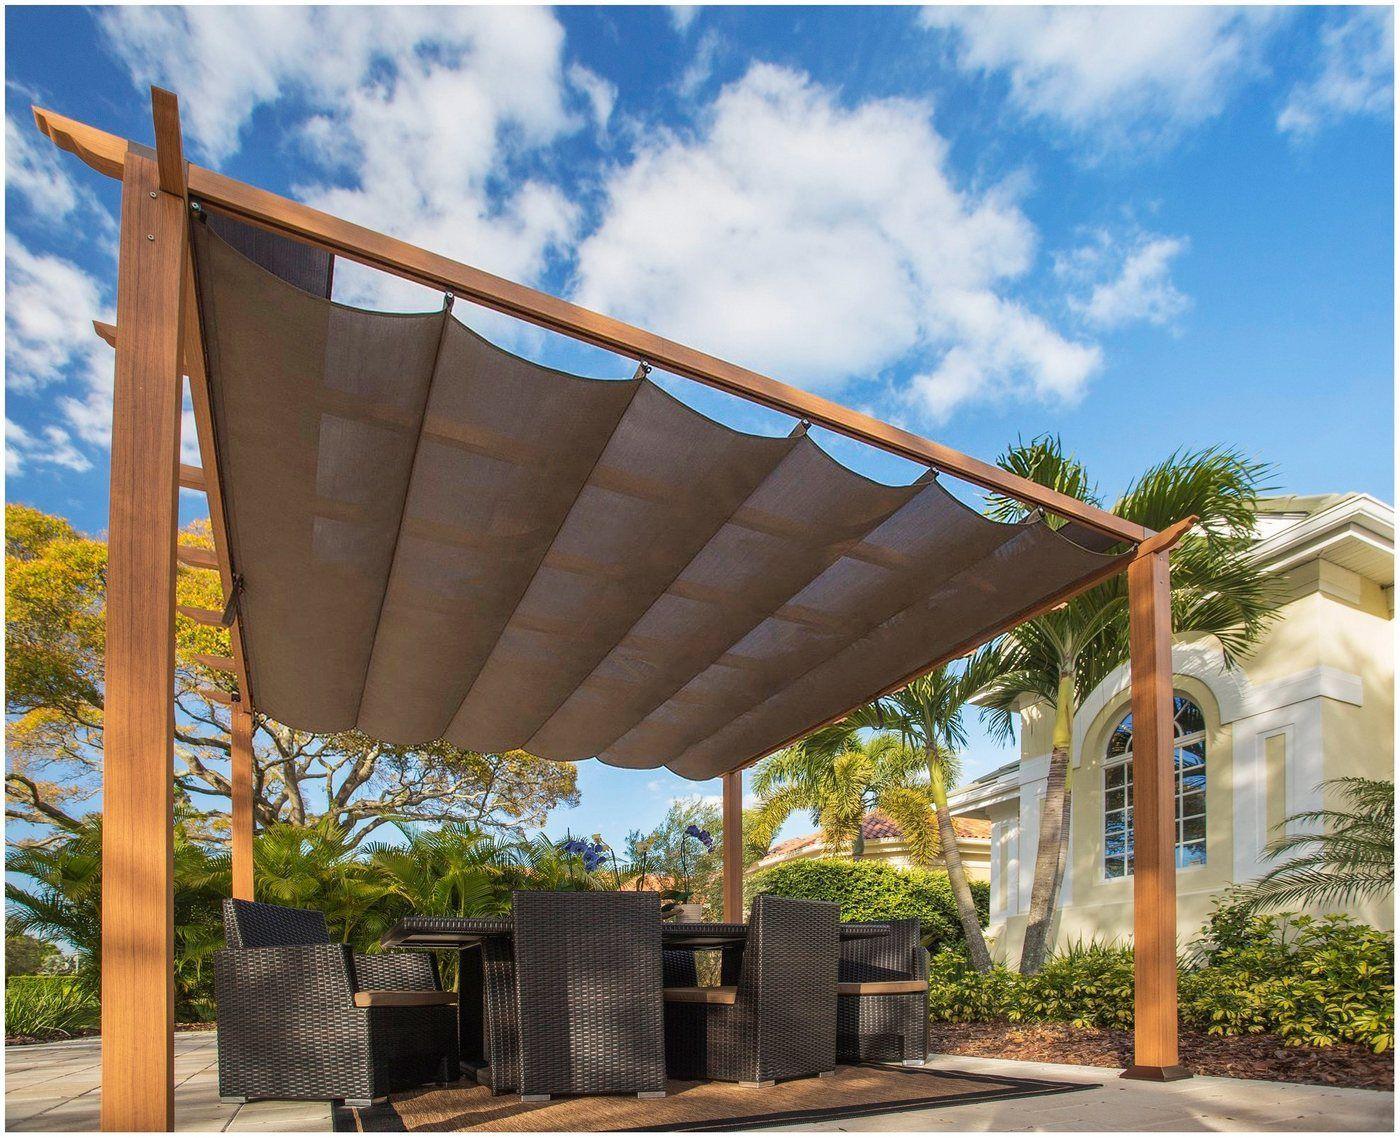 Pergola Patio Simple Pergola Garten Blauregen Pergola Garten Deko Painted Pergola Ideas Pergolademader In 2020 Aluminum Pergola Pergola Canopy Outdoor Pergola